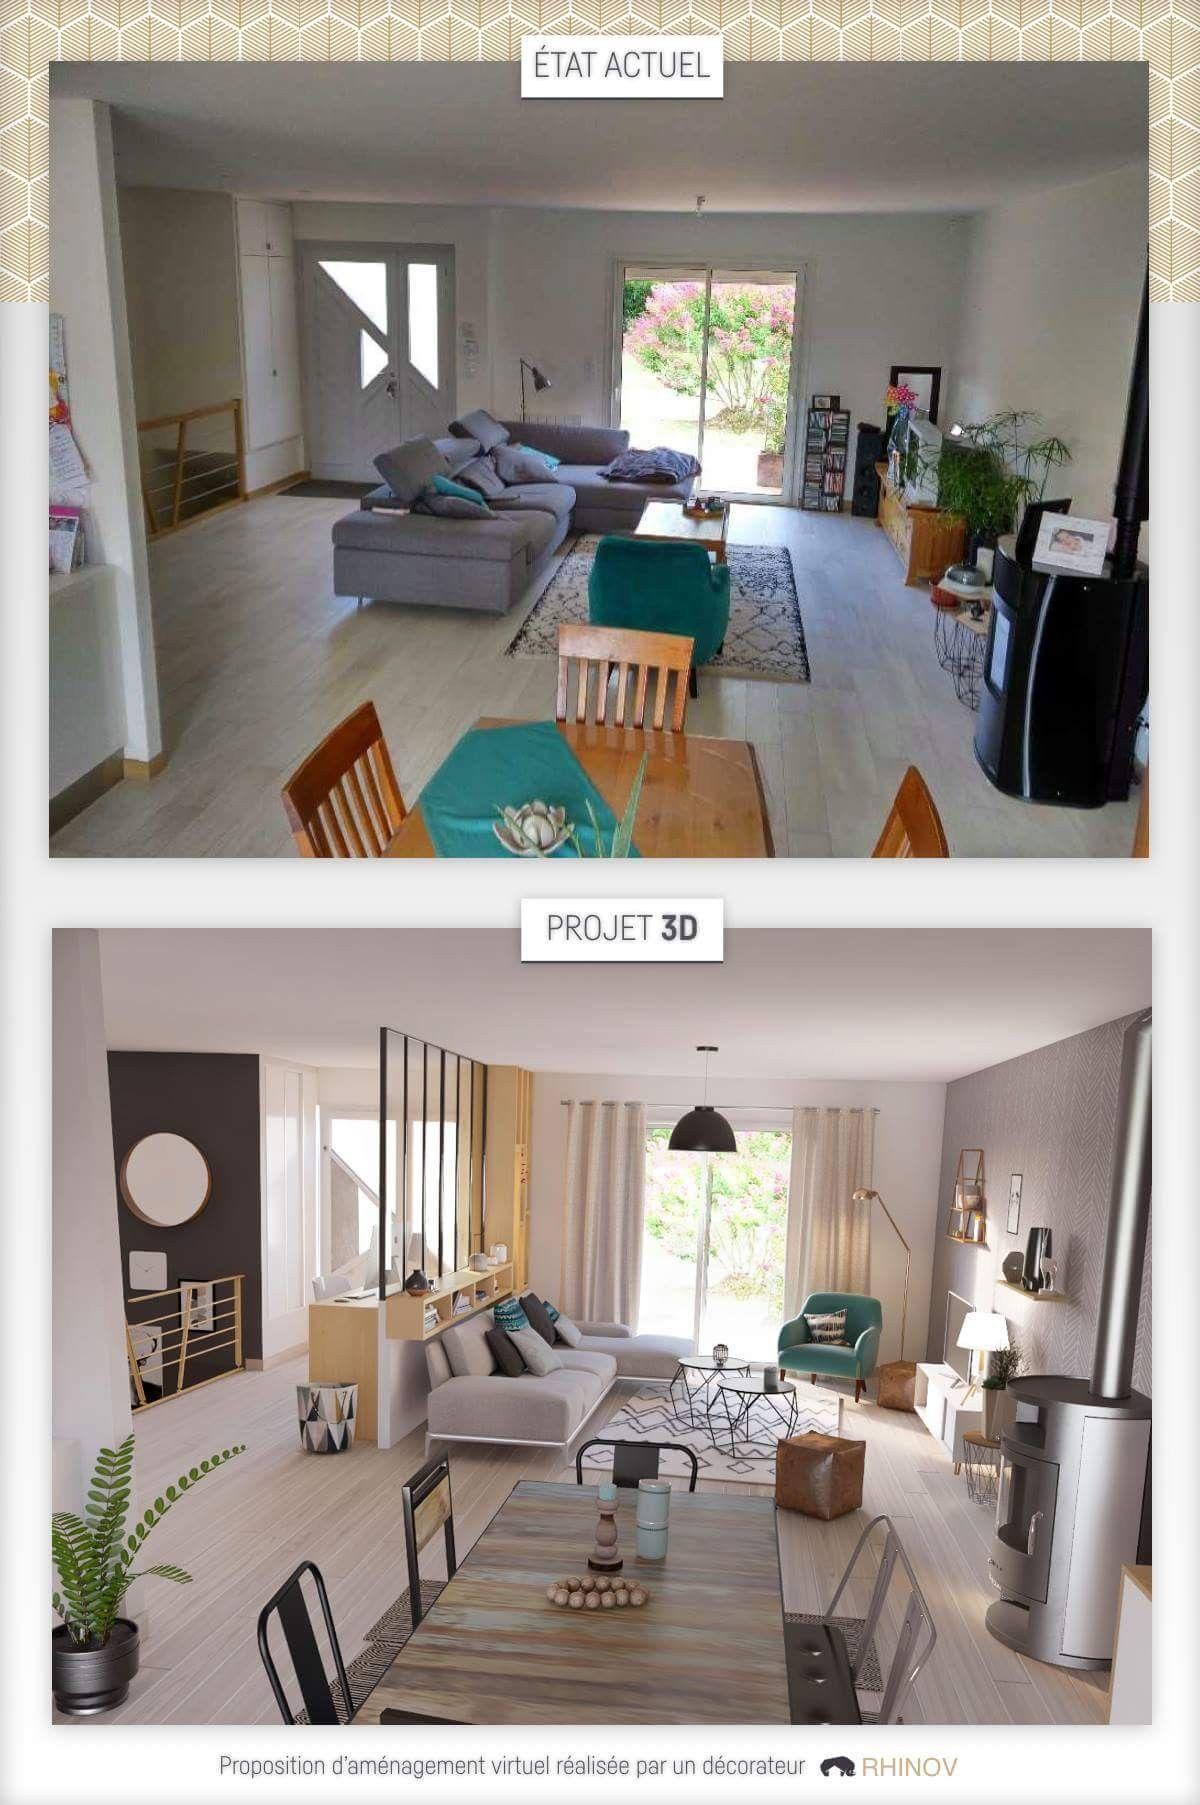 Épinglé par teresa sur * HOME SWEET HOME *  Idée aménagement